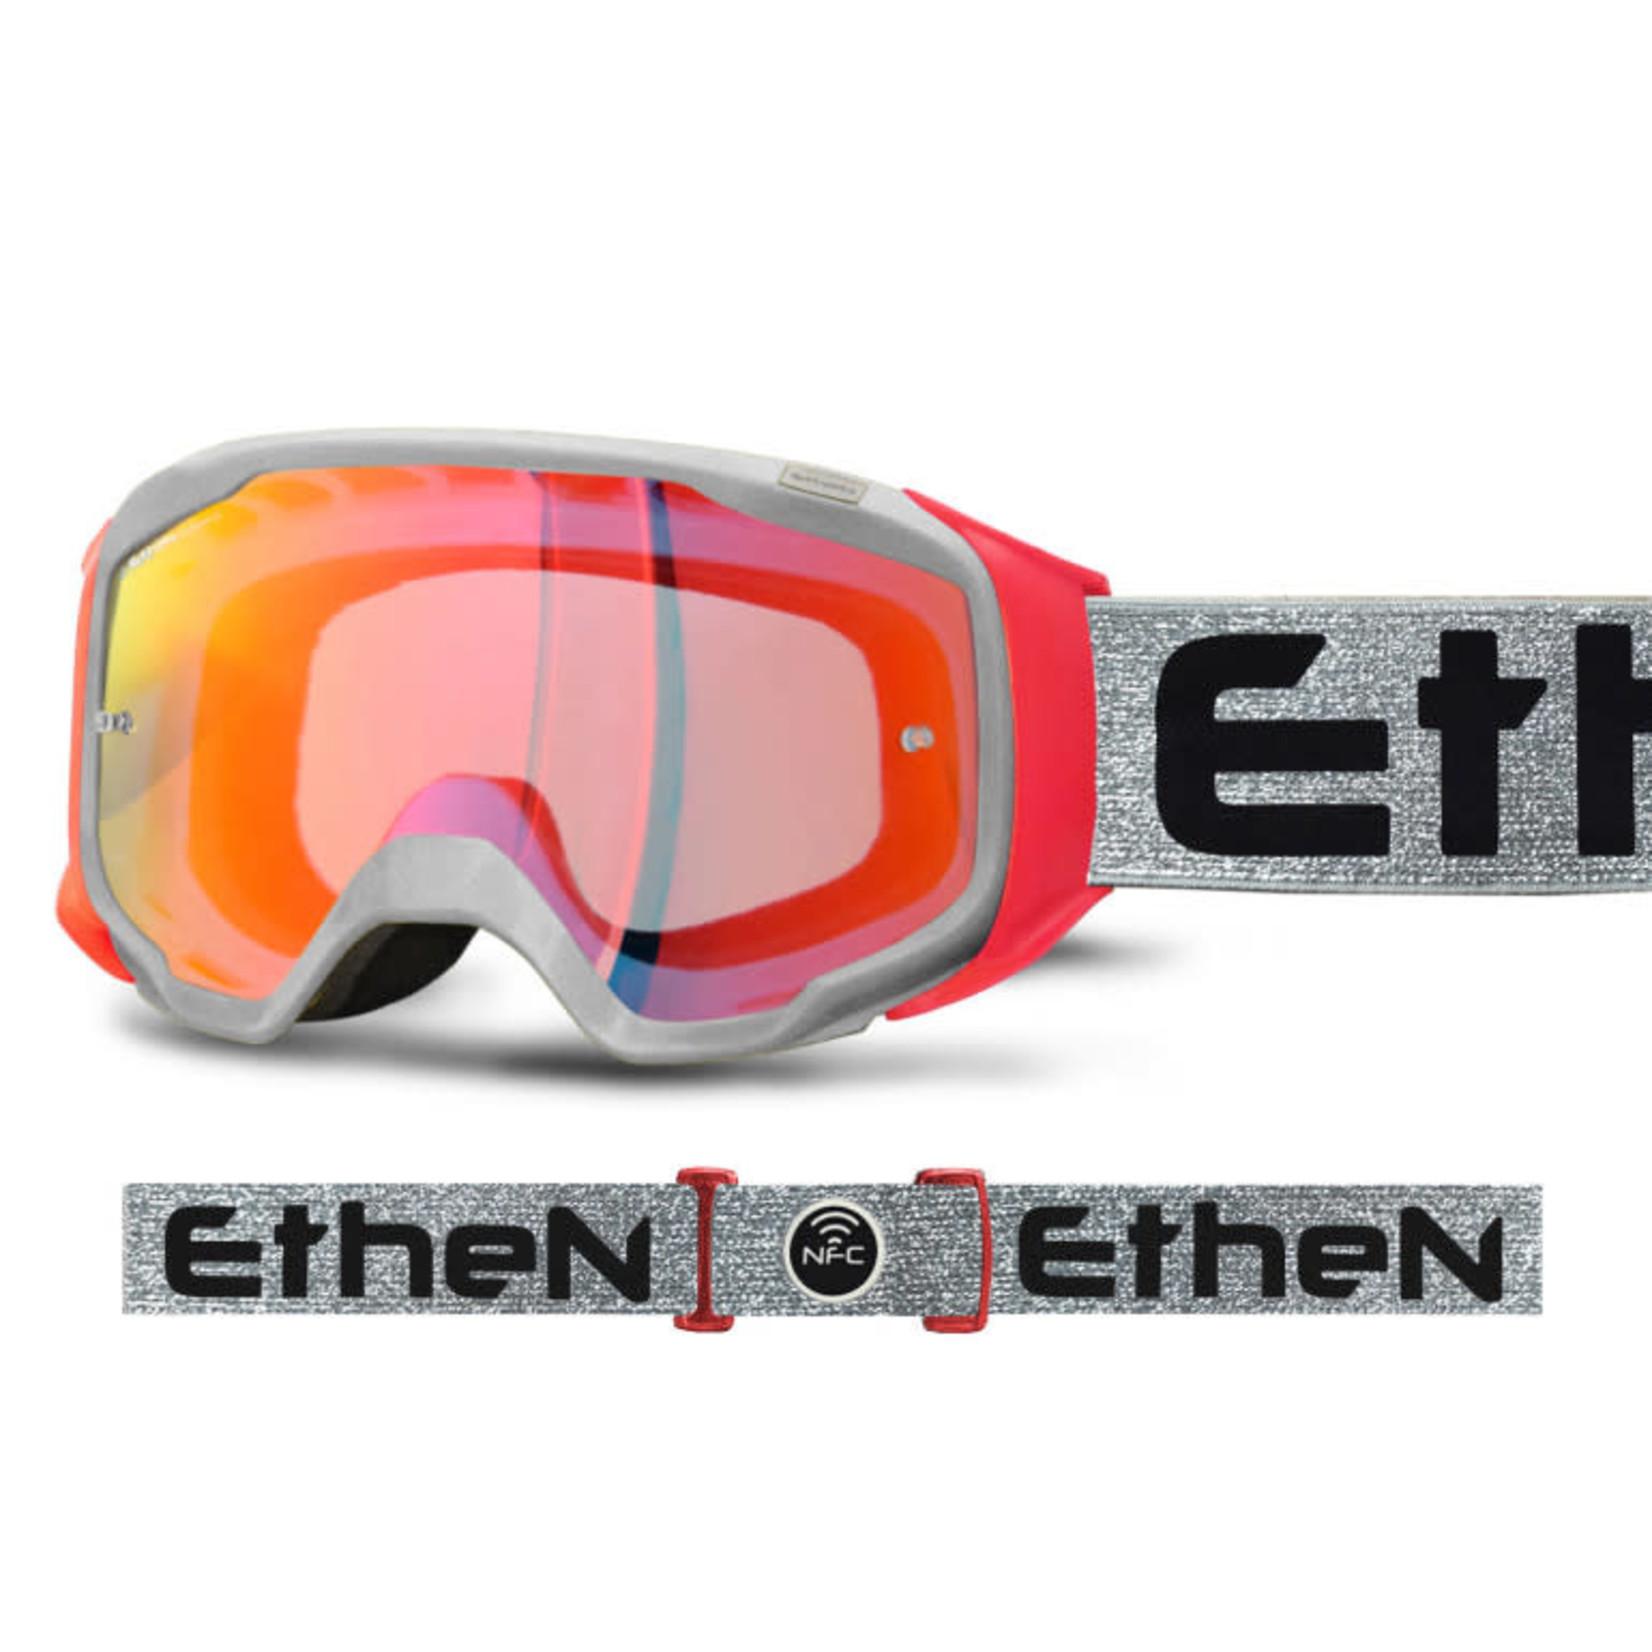 Ethen Ethen - maschera GP06 nero giallo fluor